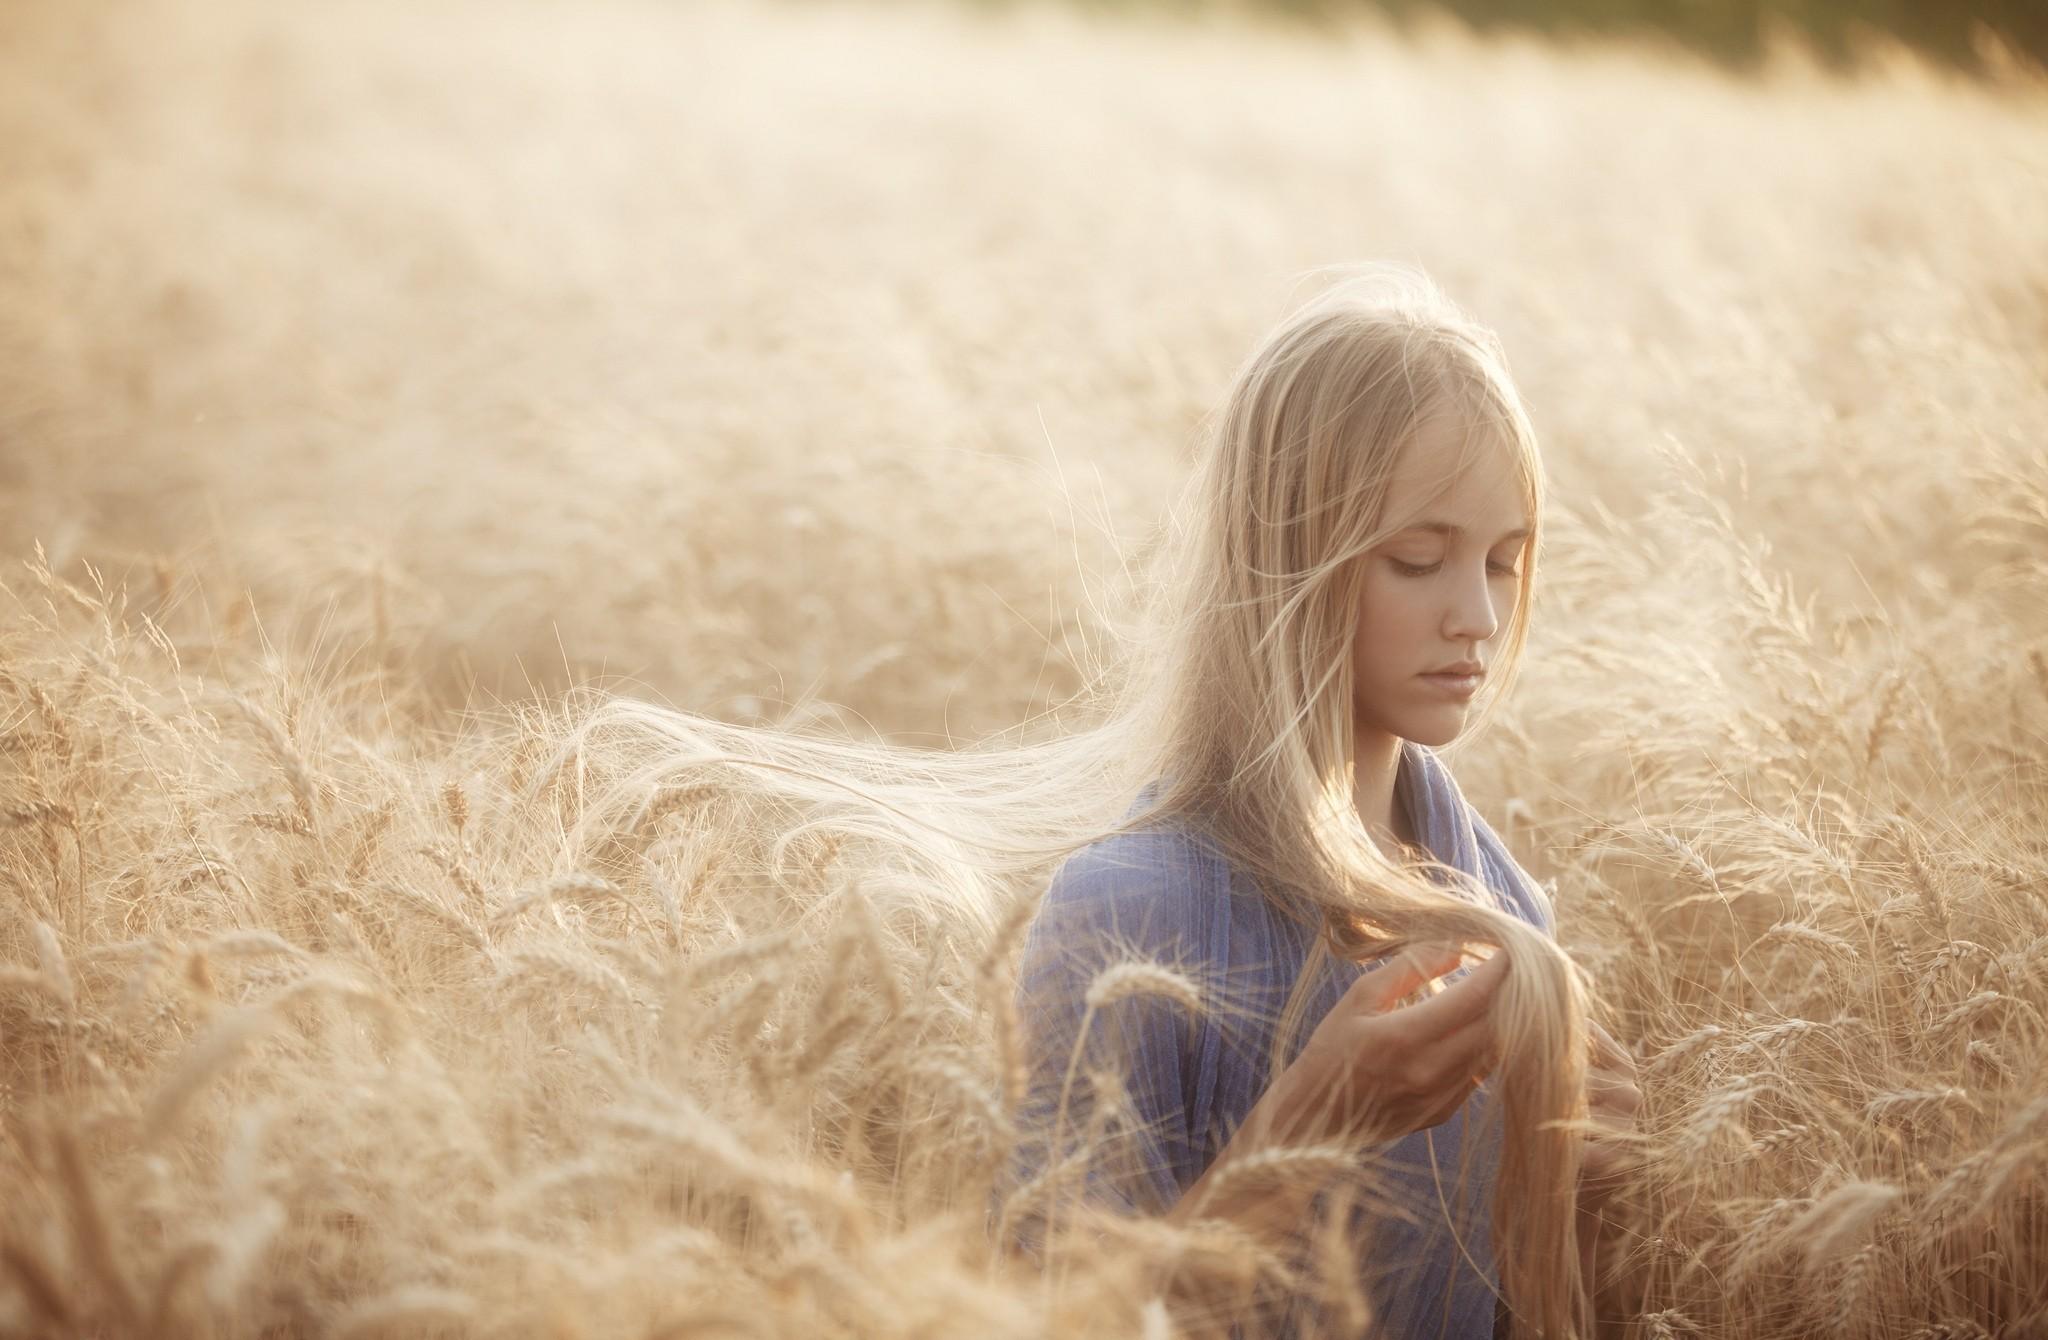 دختر بلوند در مزرعه گندم